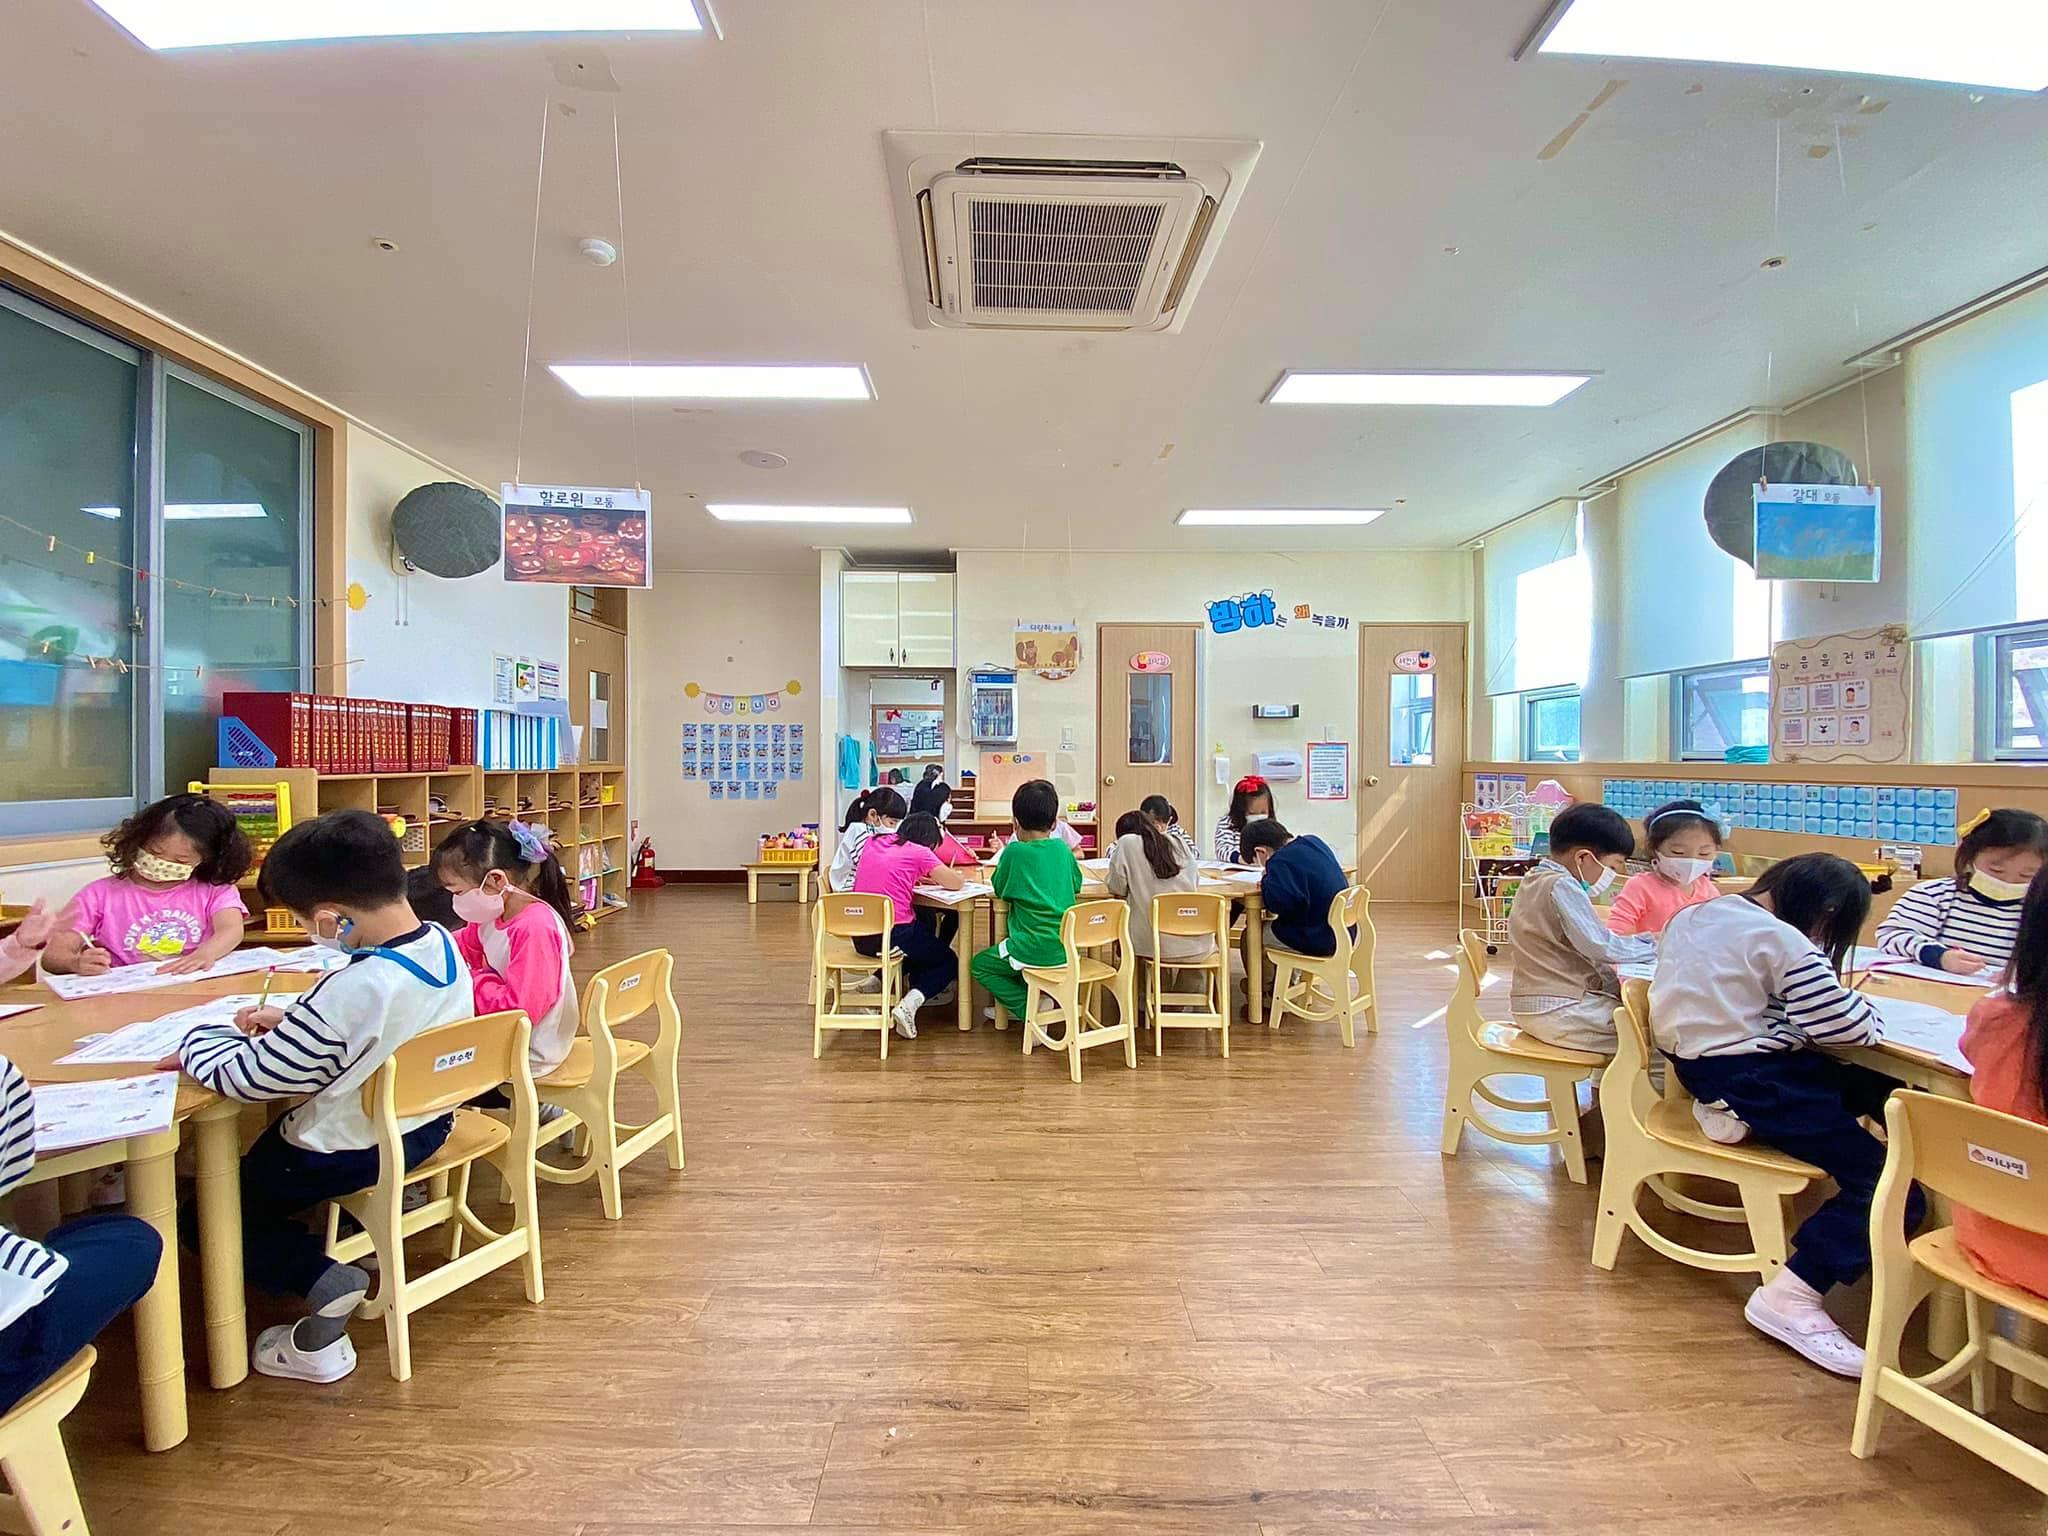 Trải nghiệm 1 ngày ở trường mầm non Hàn Quốc và những bữa ăn tại đây